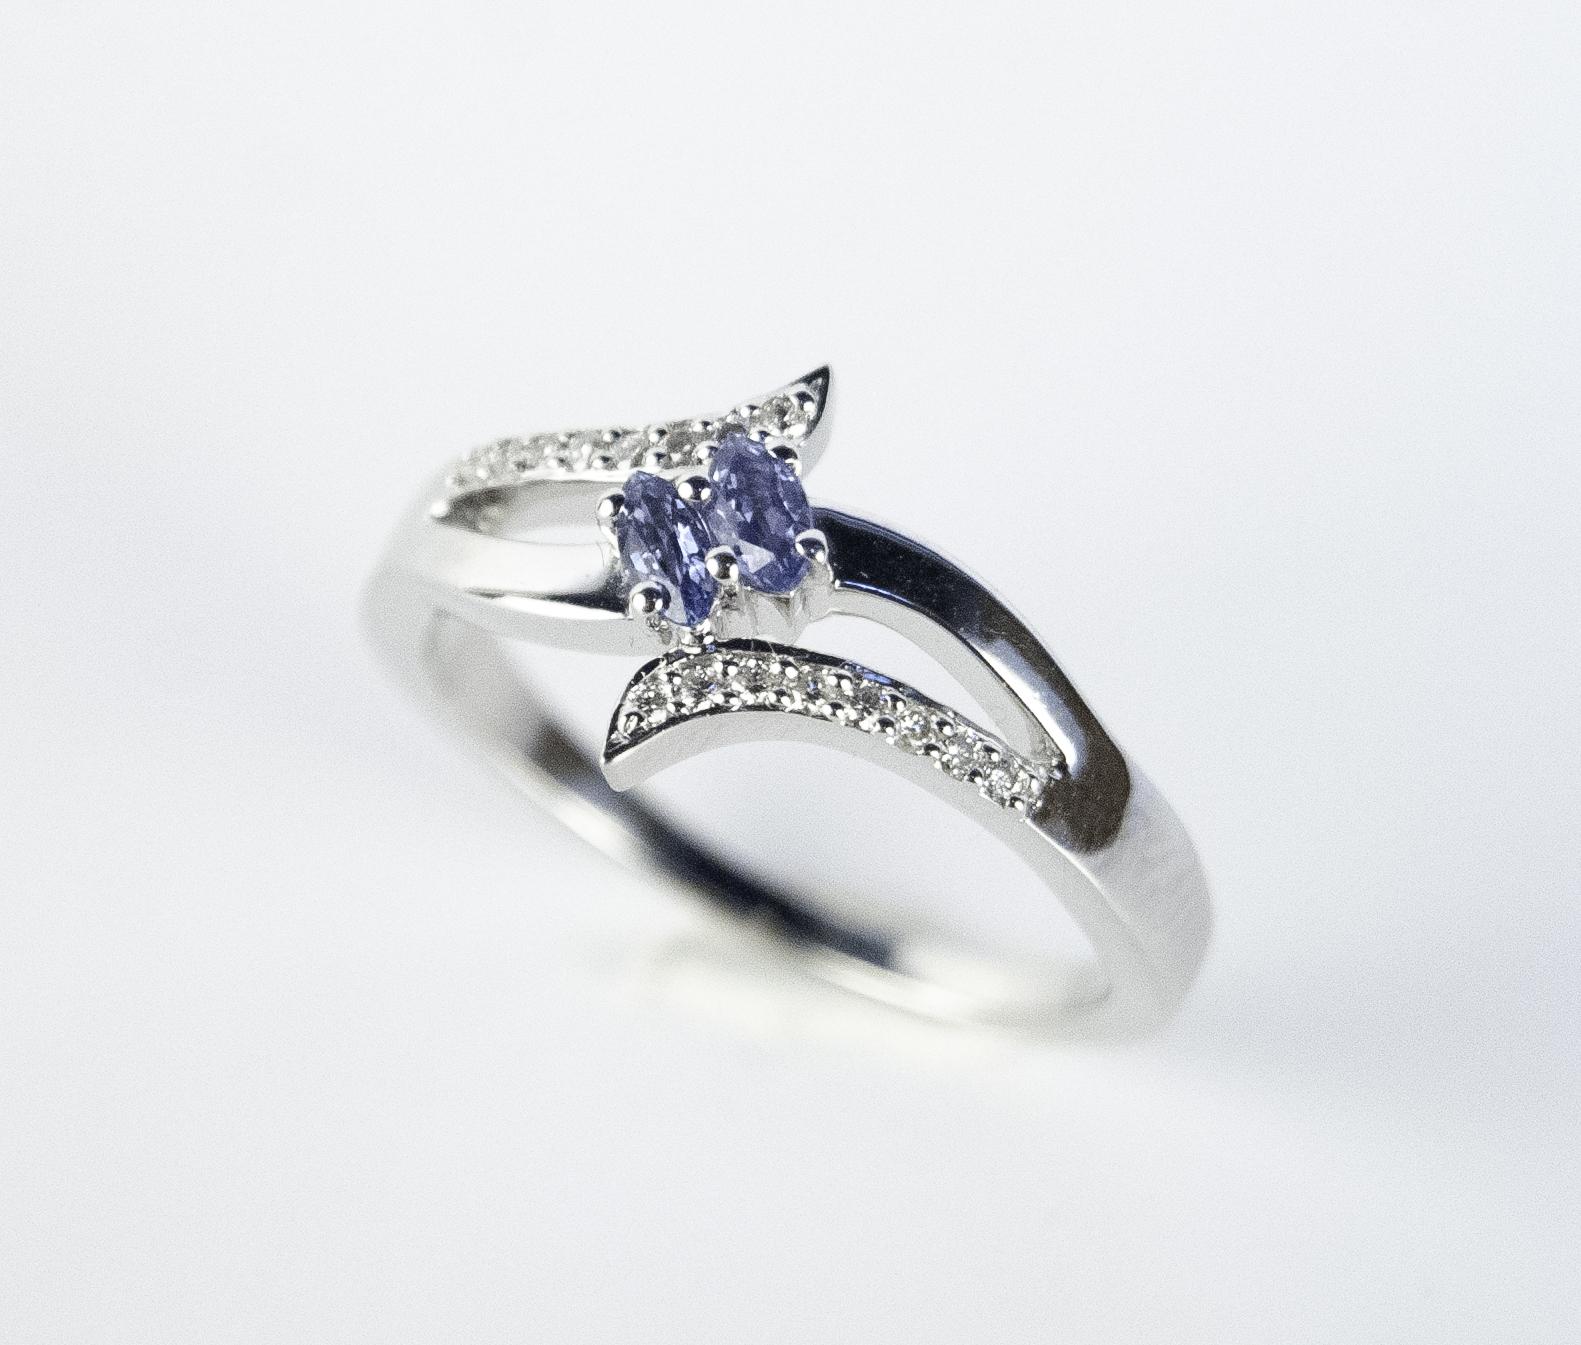 200-900   14 Karat White Gold Fashion Ring Size 7 With 2=0.30Tw Marquise Yogos And 0.20Tw Round Diamonds $1,135.00